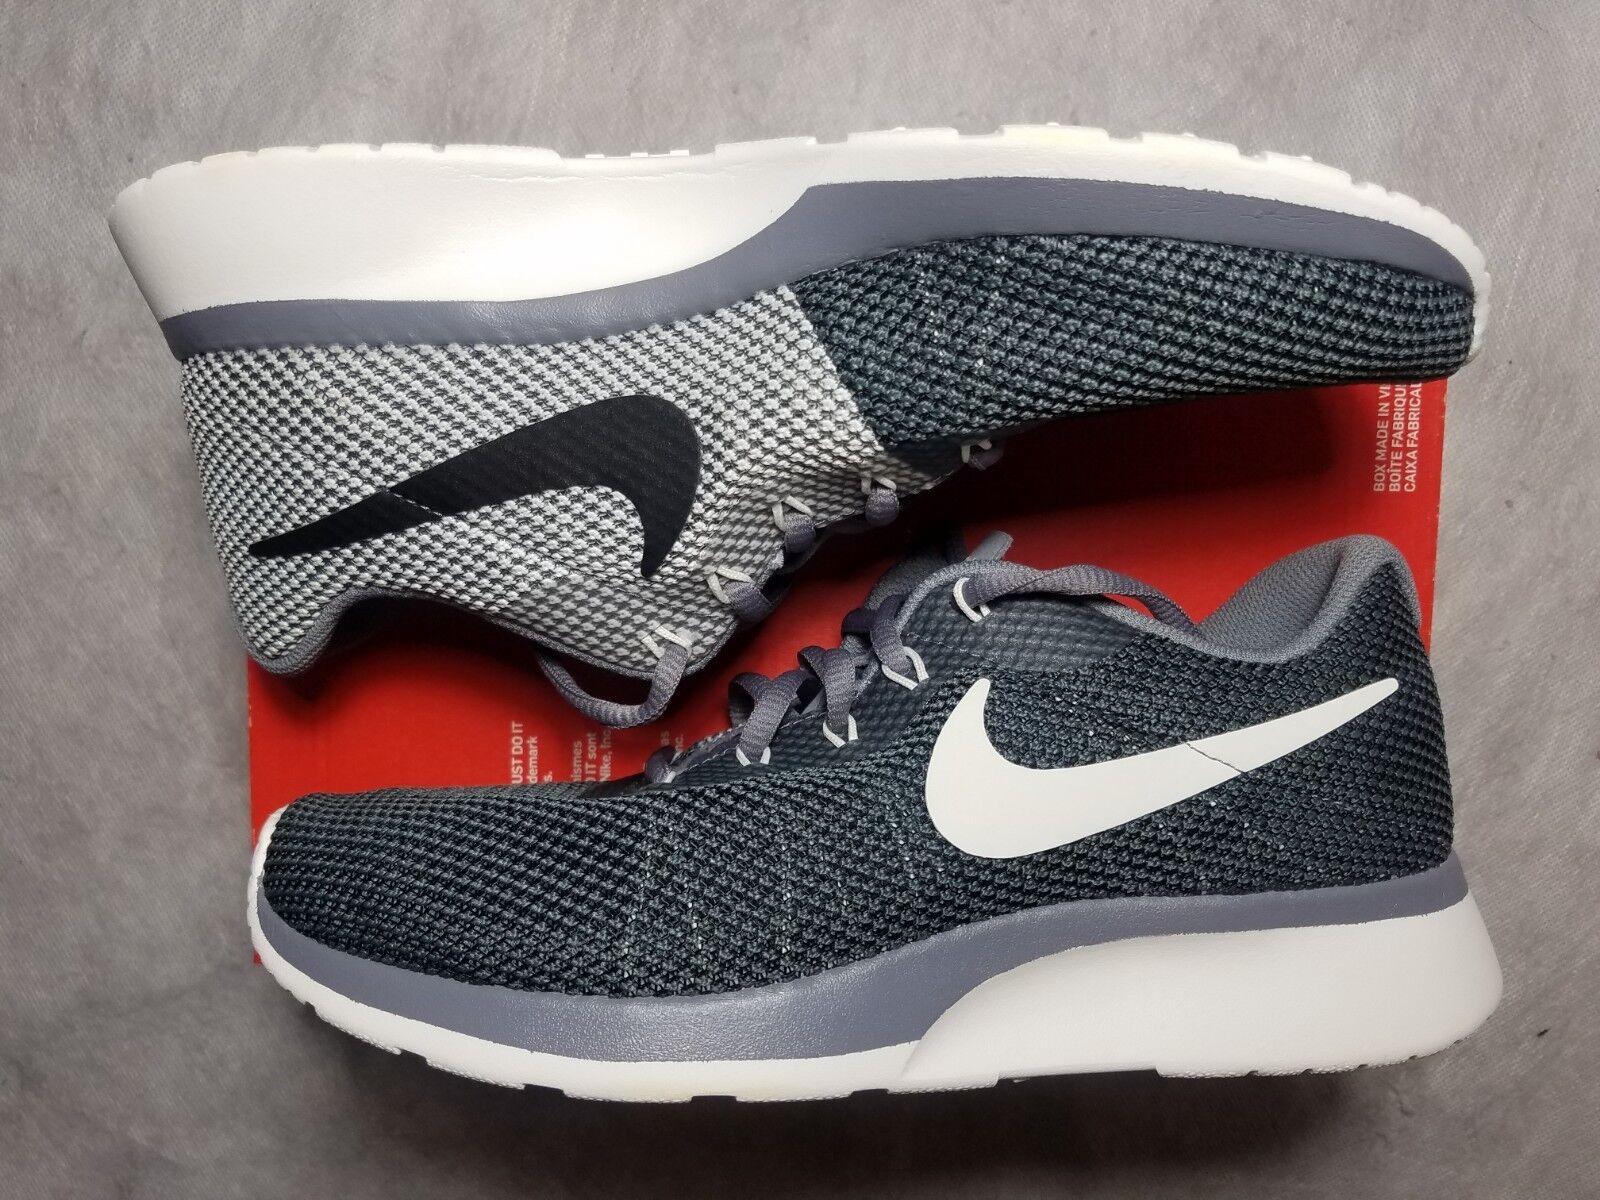 New Nike Tanjun Racer Running Women's 9.5 Grey Sail Black White Shoe 921668 003